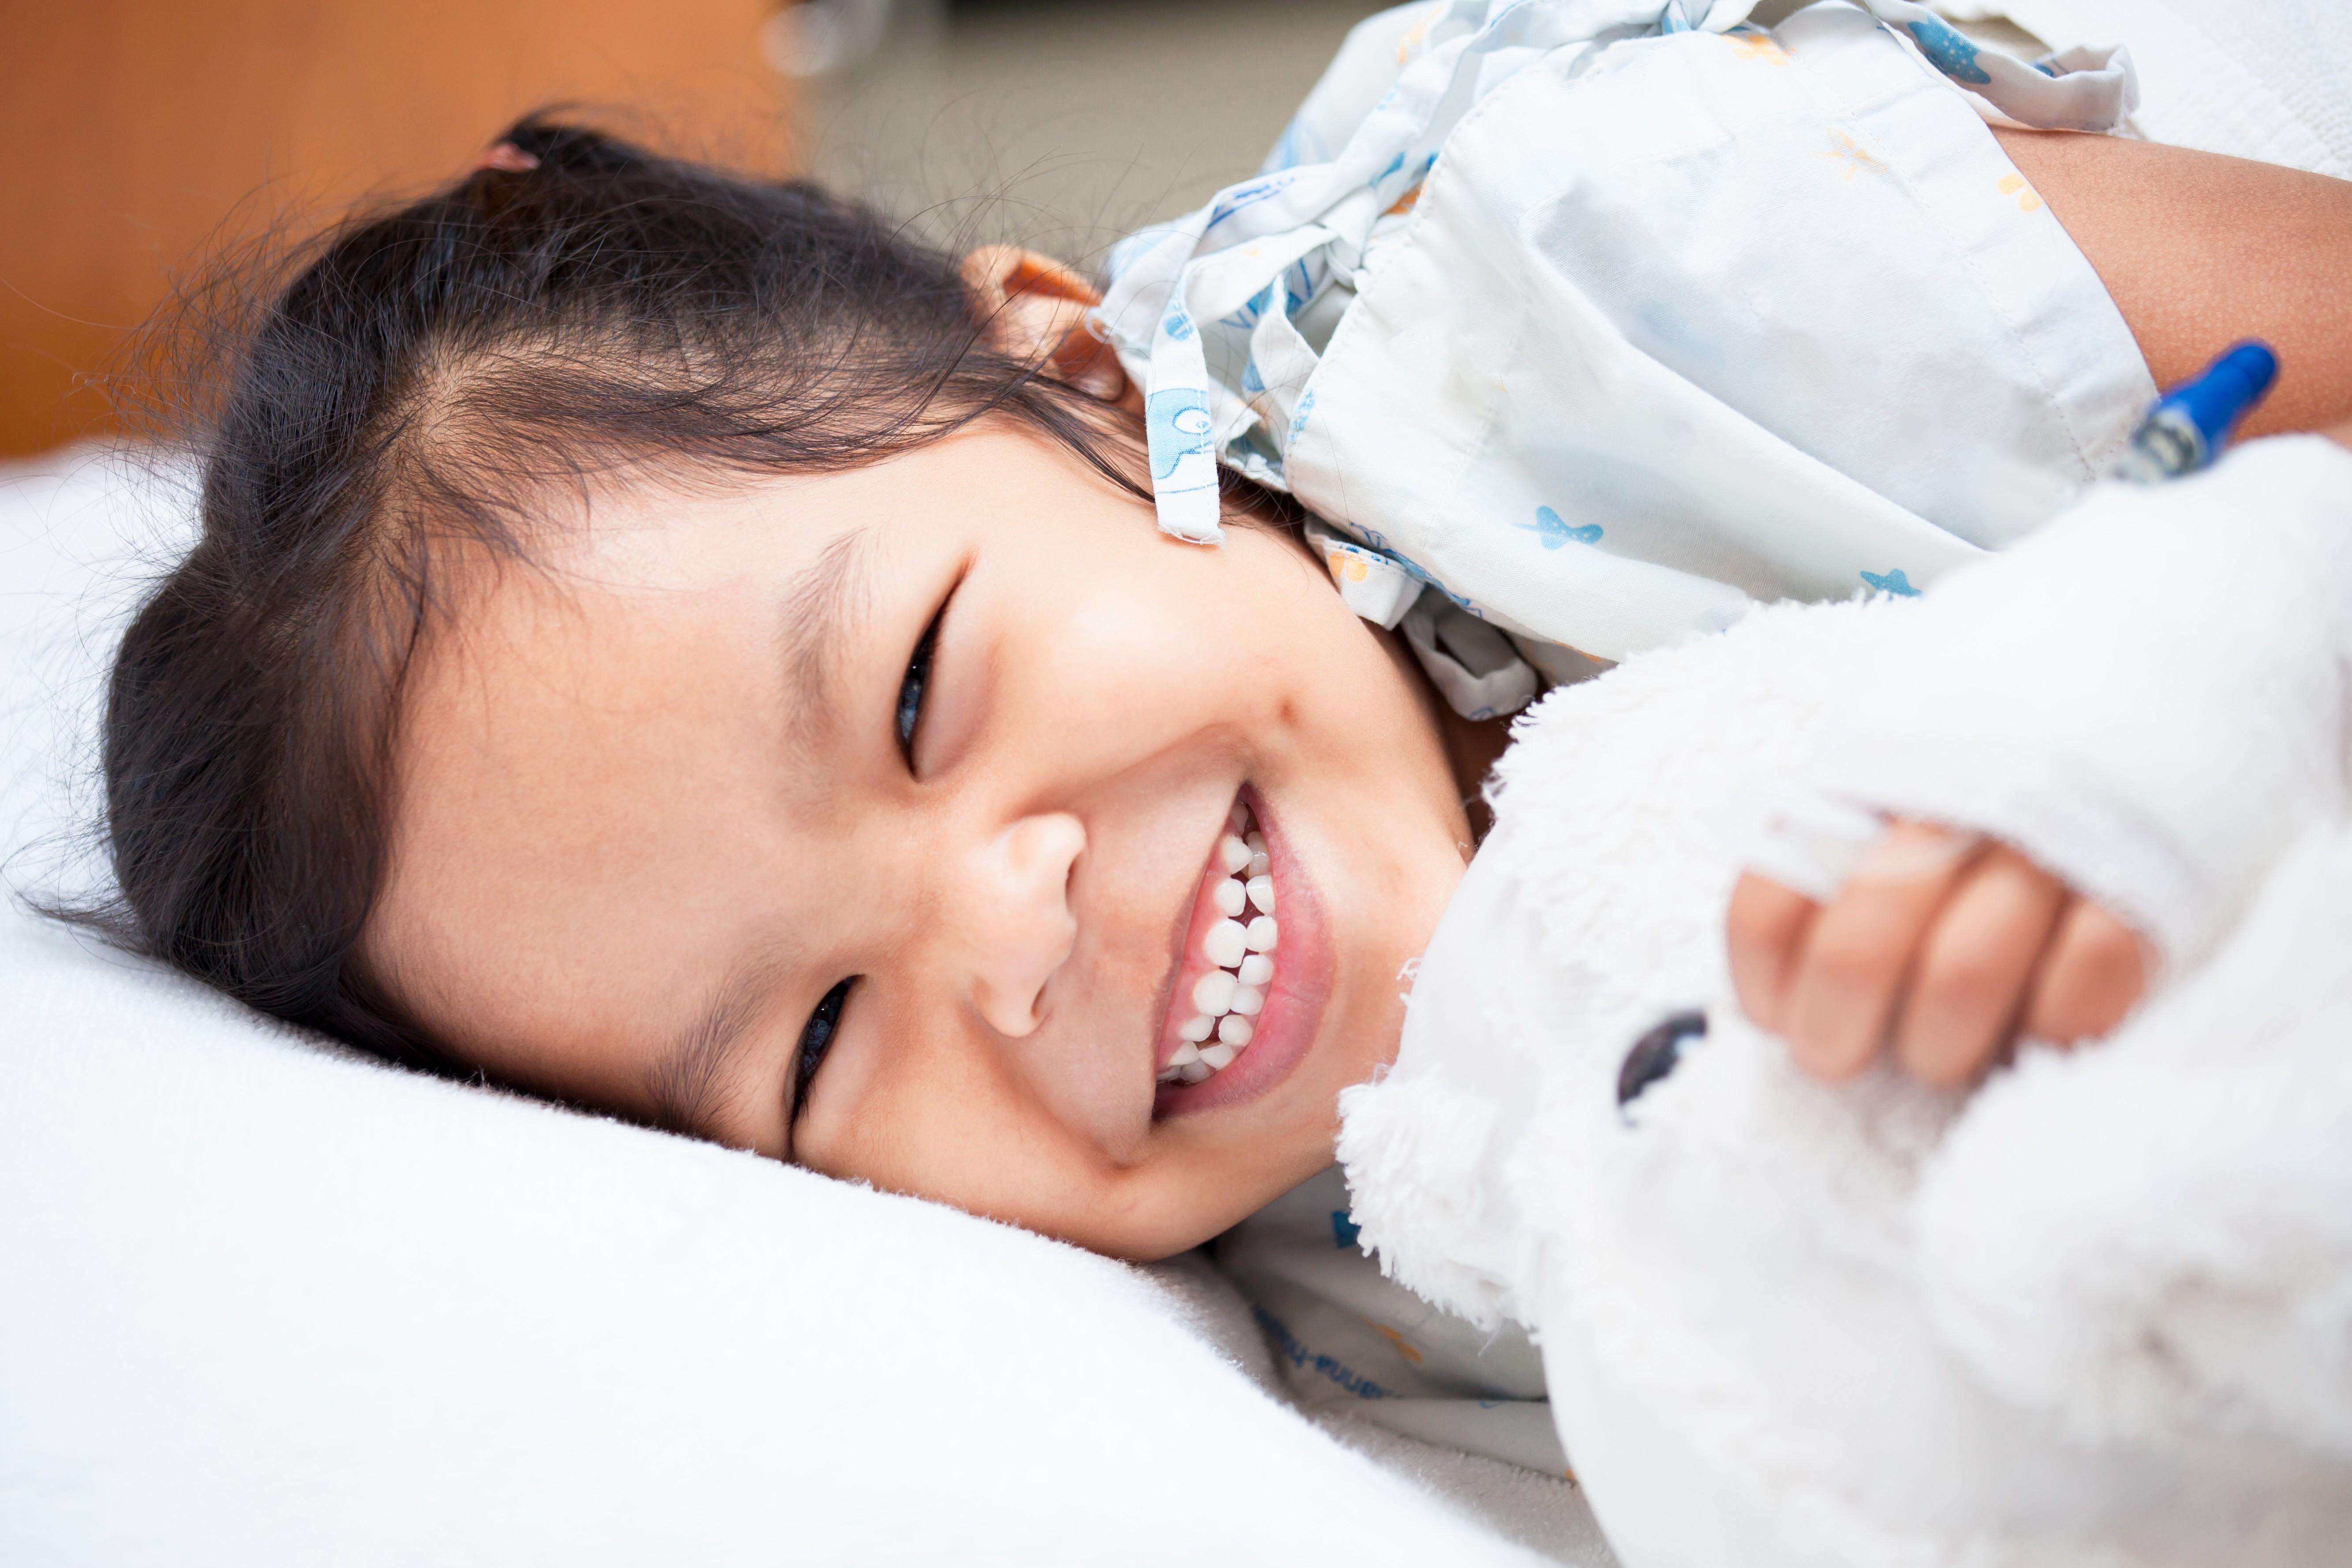 Mortalidade de crianças por câncer diminuiu em 10 anos no Brasil (Foto: Thinkstock)